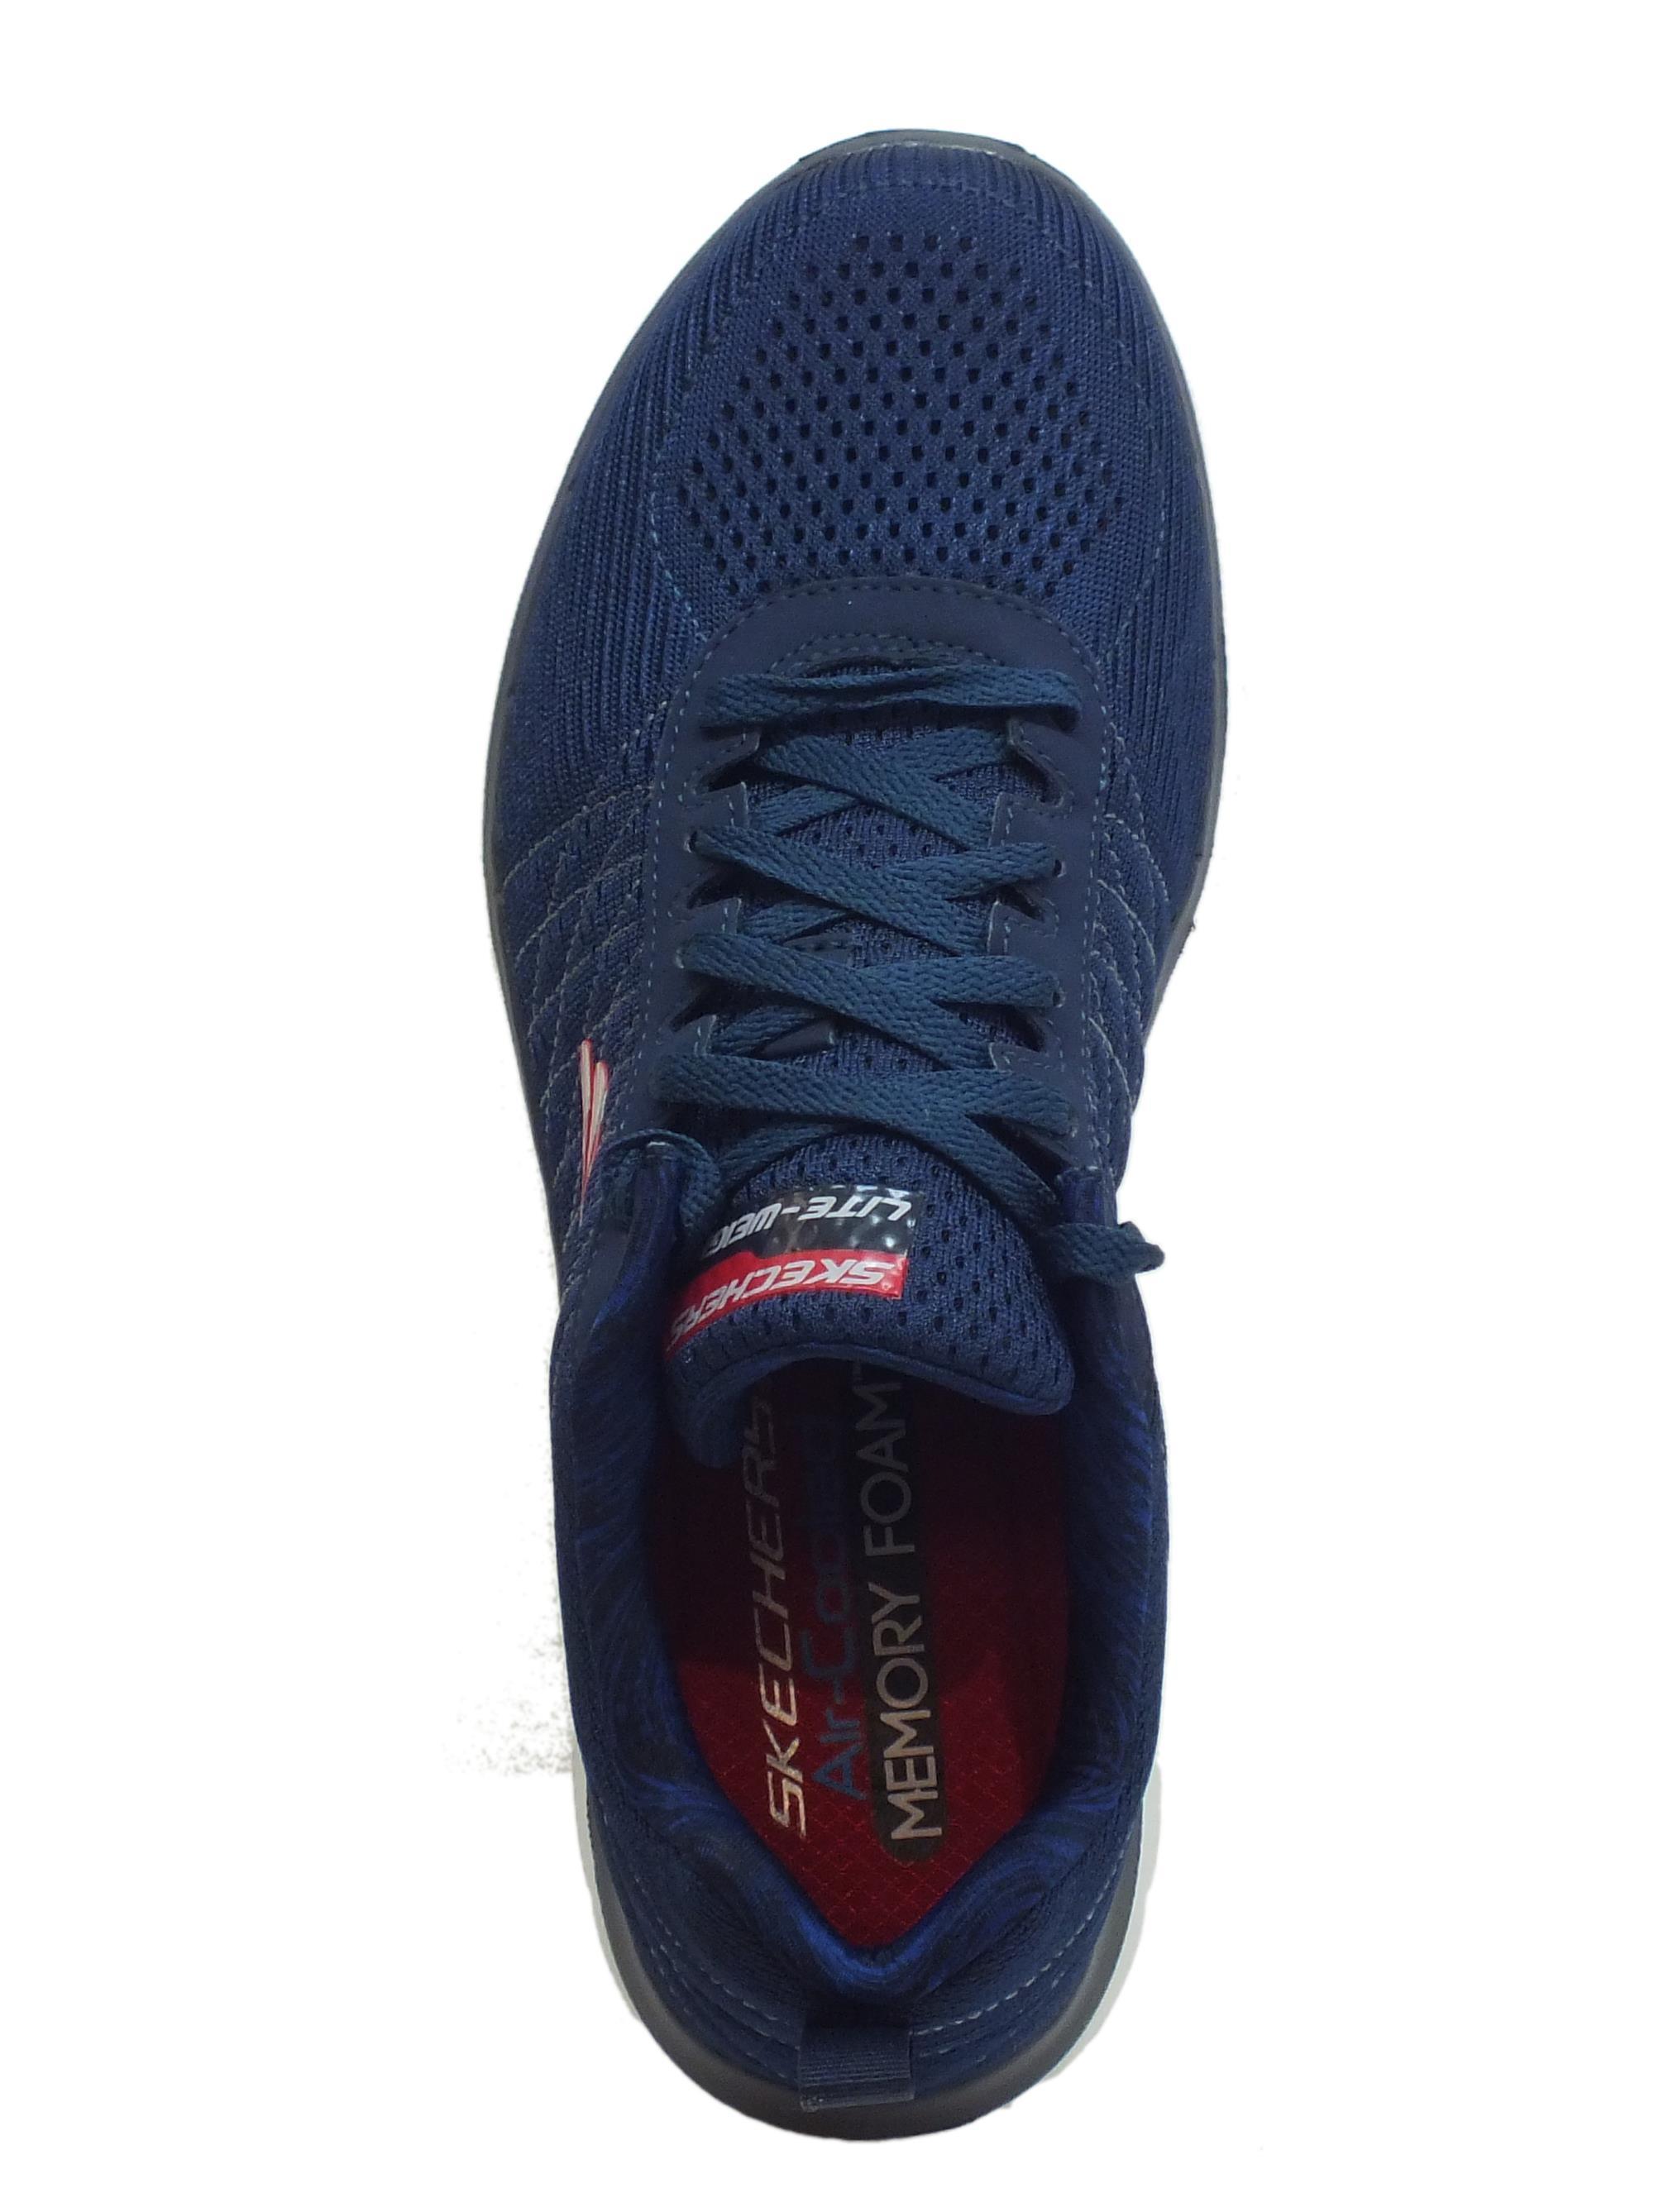 Scarpe Skechers THE HAPPS uomo tessuto blu memory foam - Vitiello ... 00483e99156